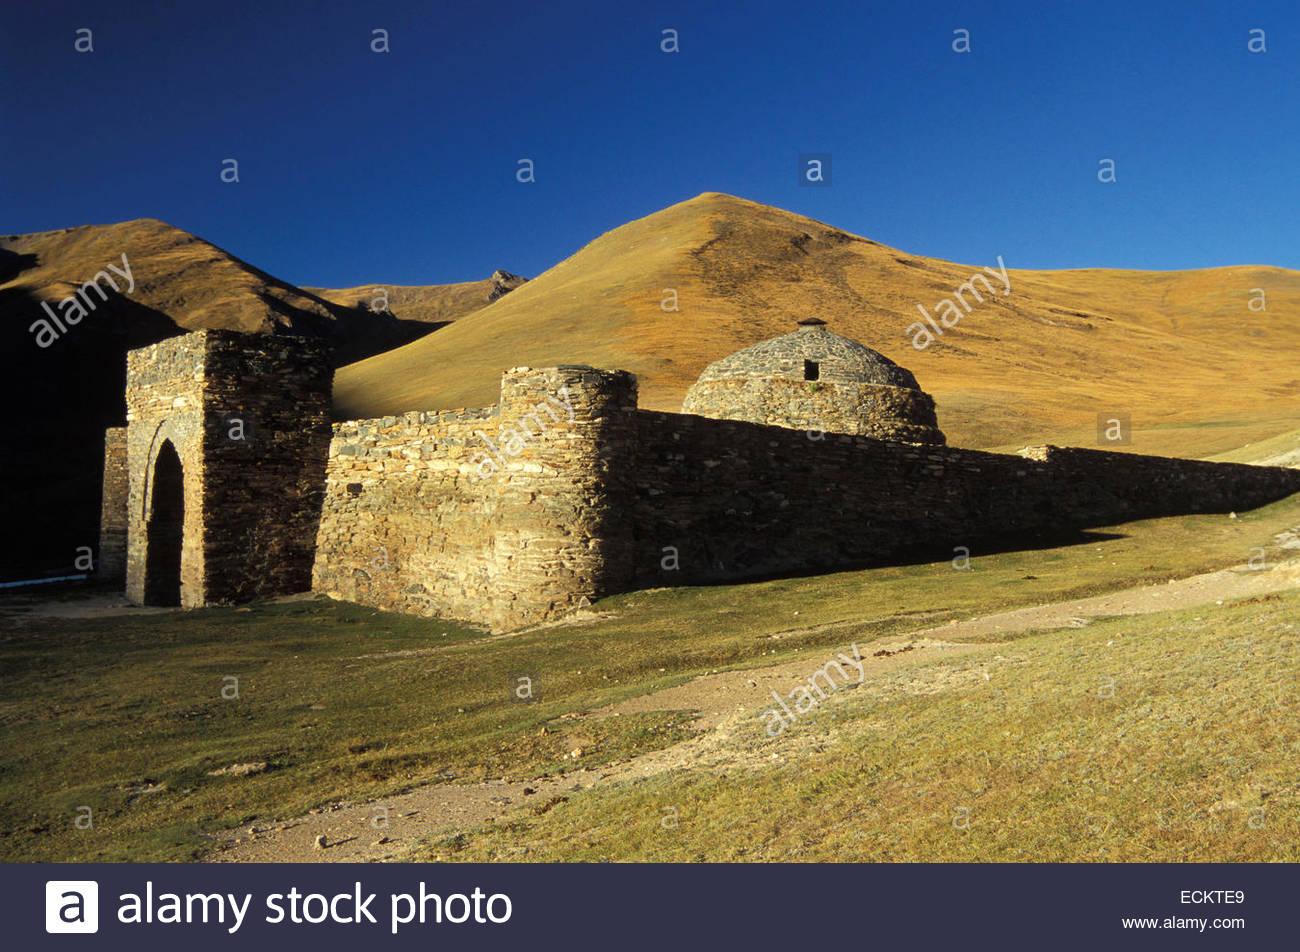 Kirgisistan, Karawanserei von Tash Rabat. Stockbild